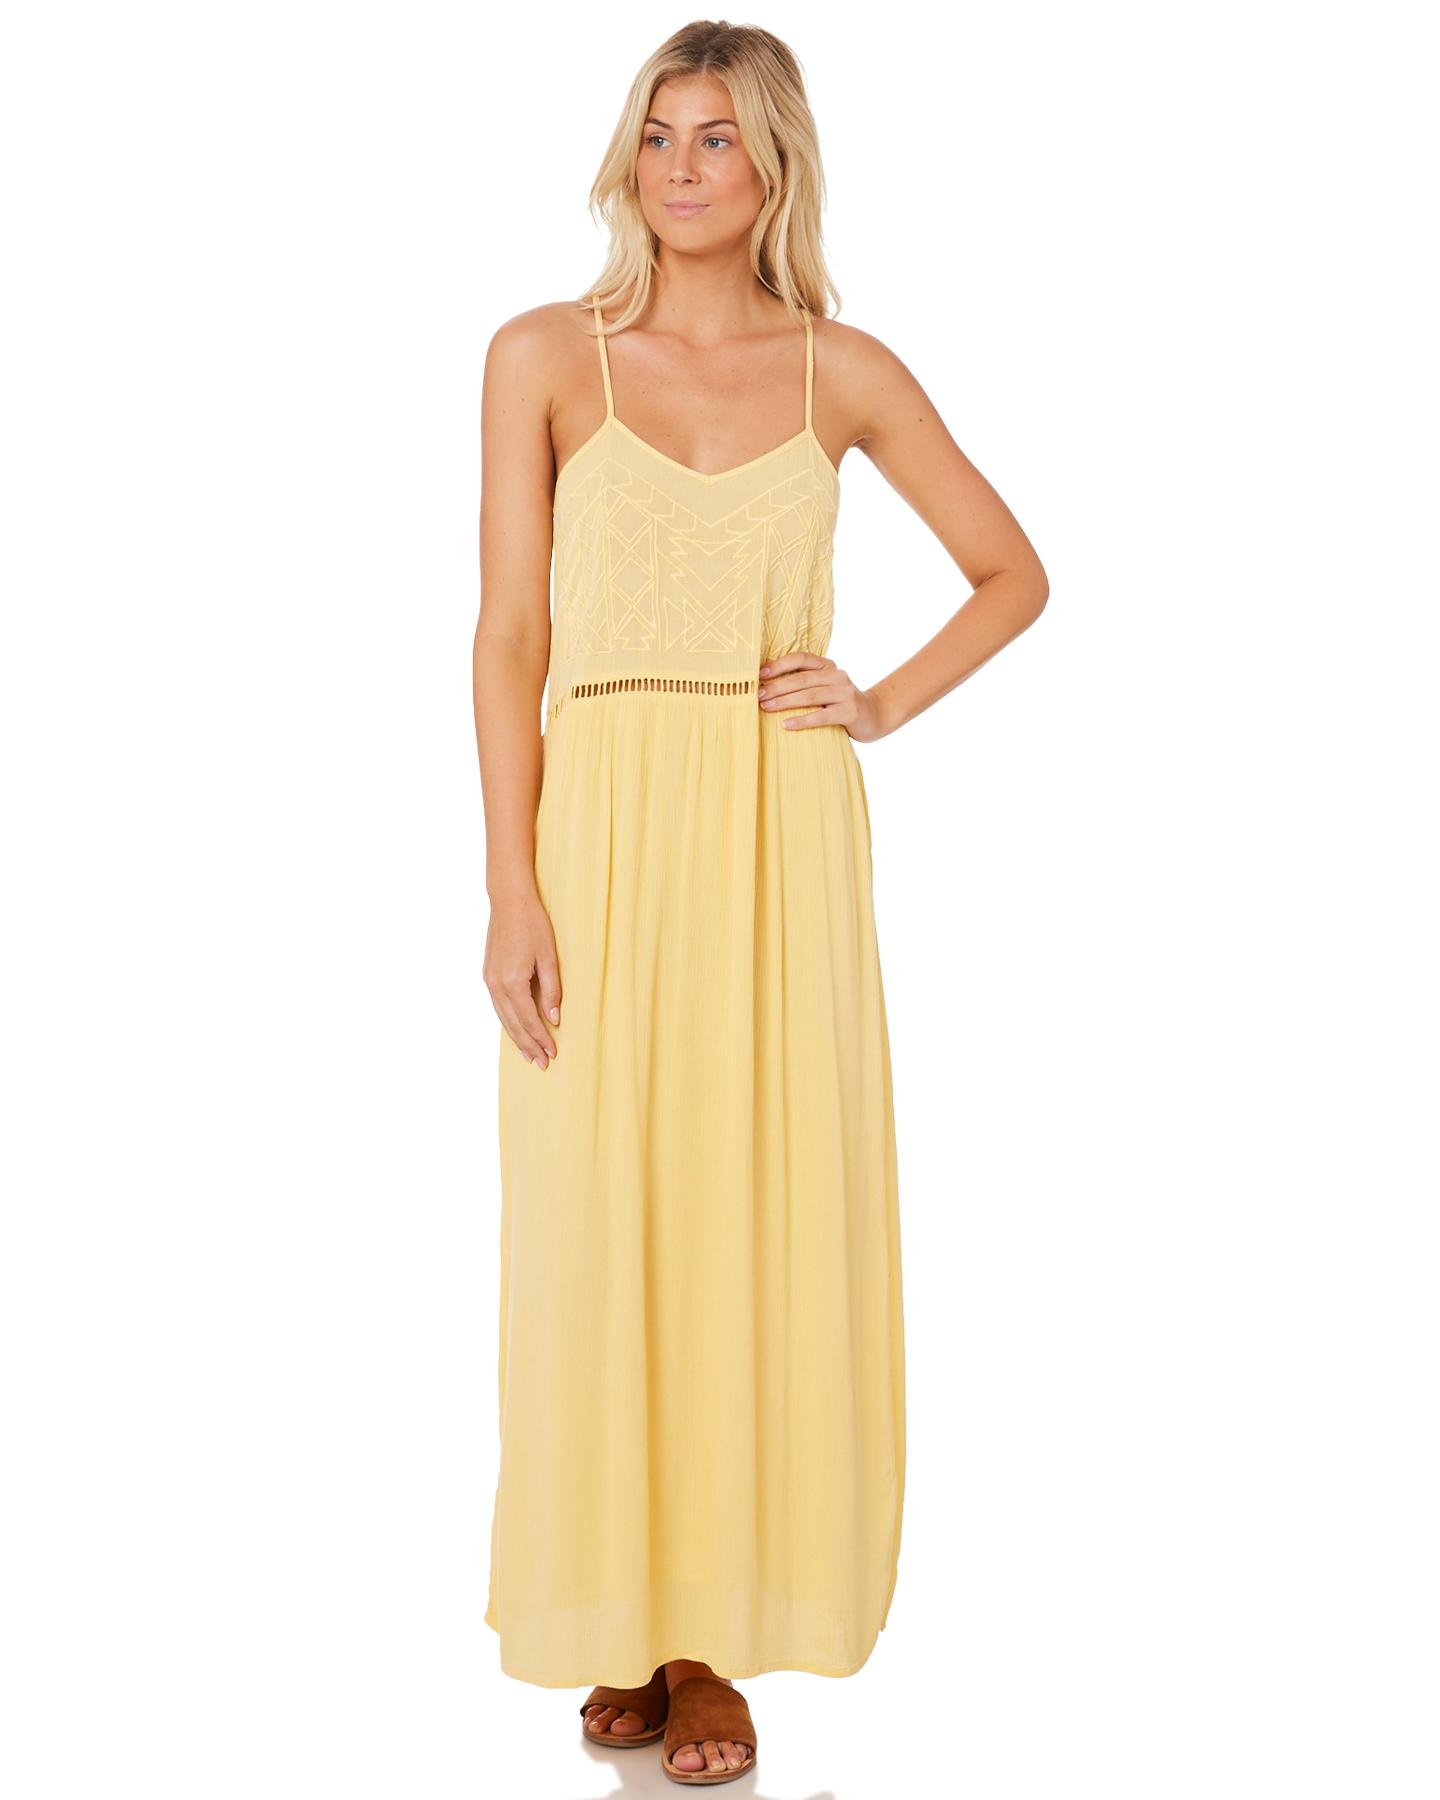 9f322c7eaa Rip Curl Larni Maxi Dress - Light Yellow | SurfStitch